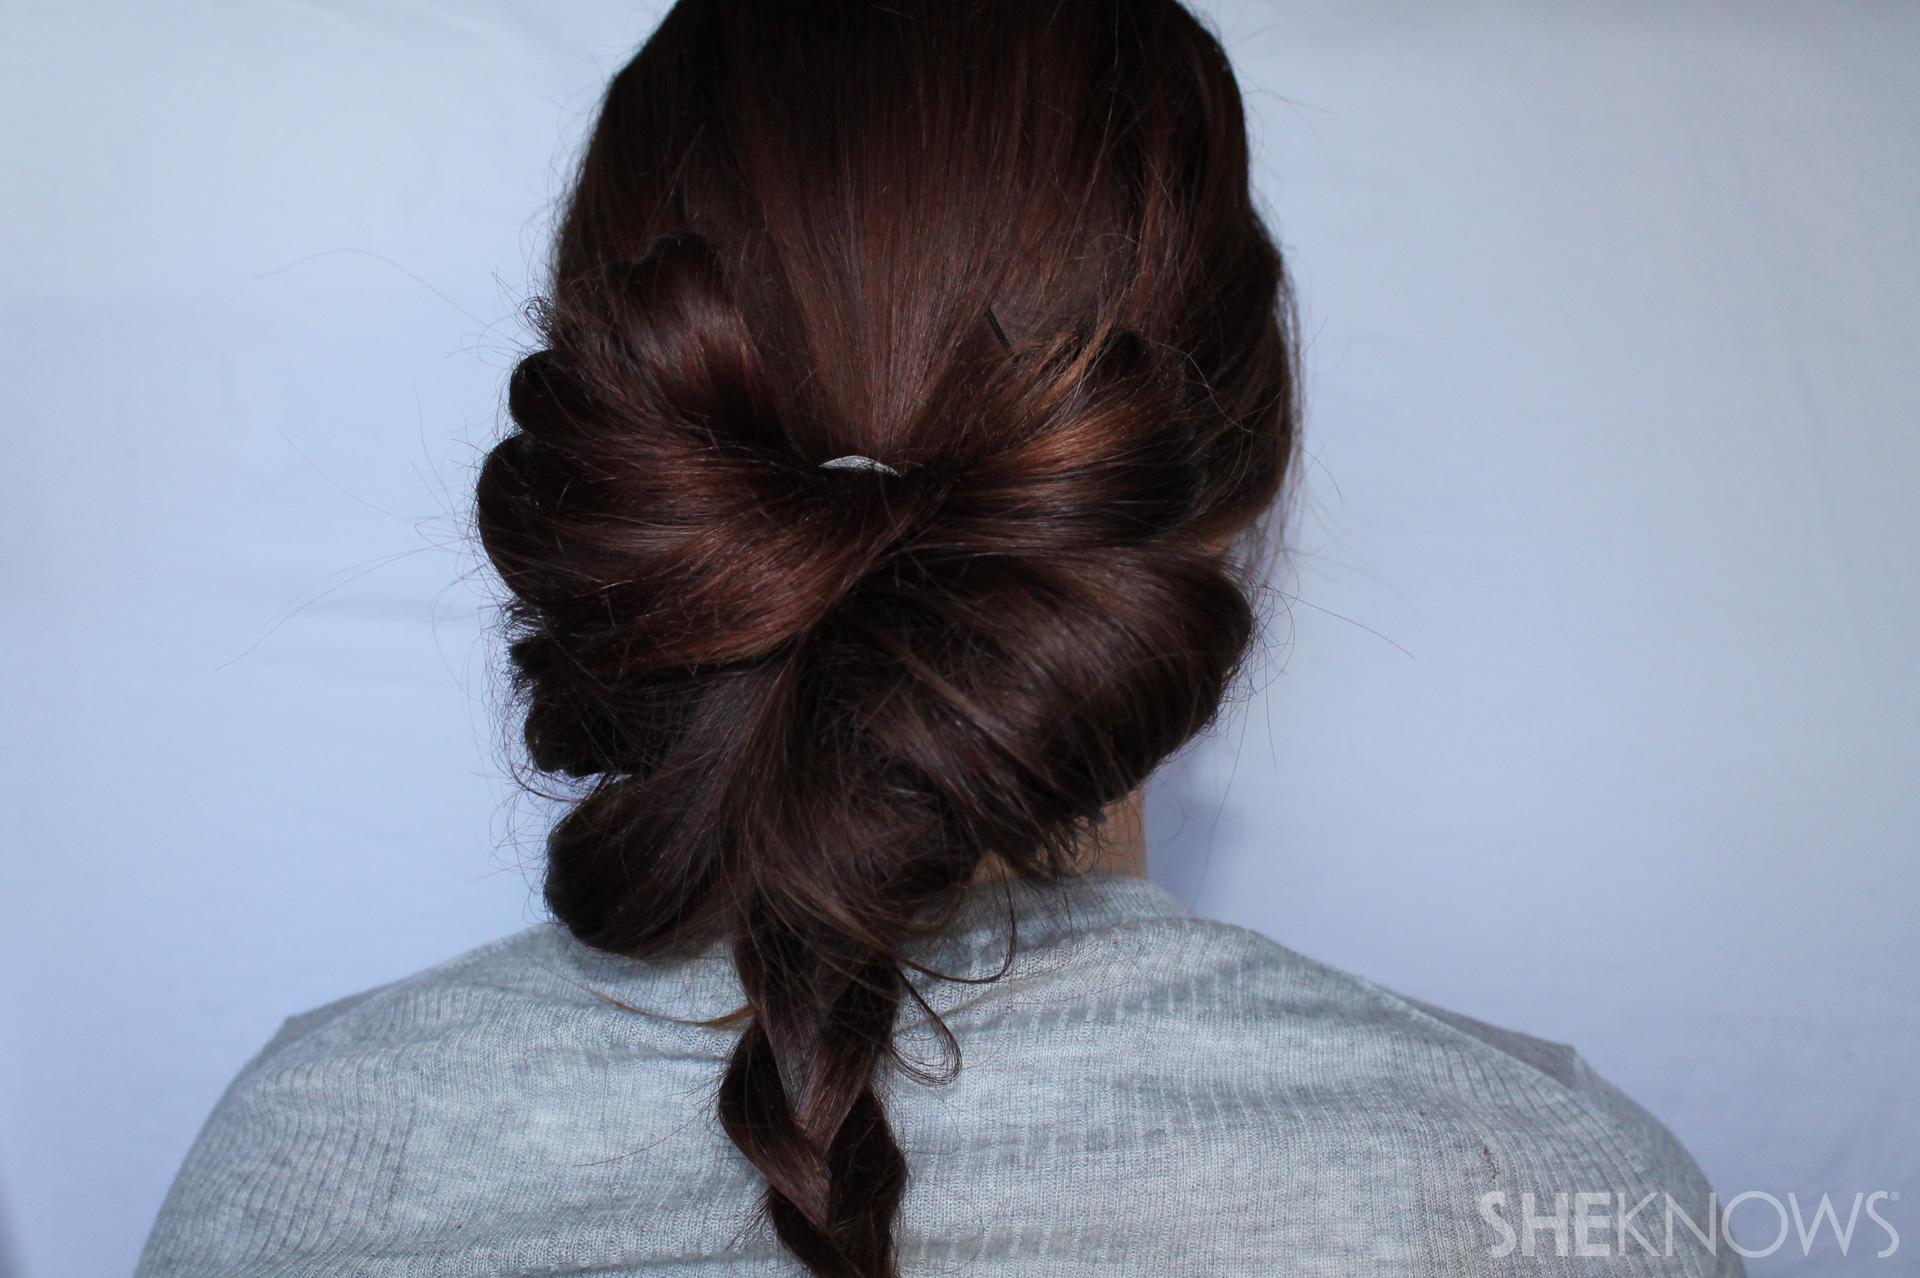 Hair bow | Sheknows.com - step 05